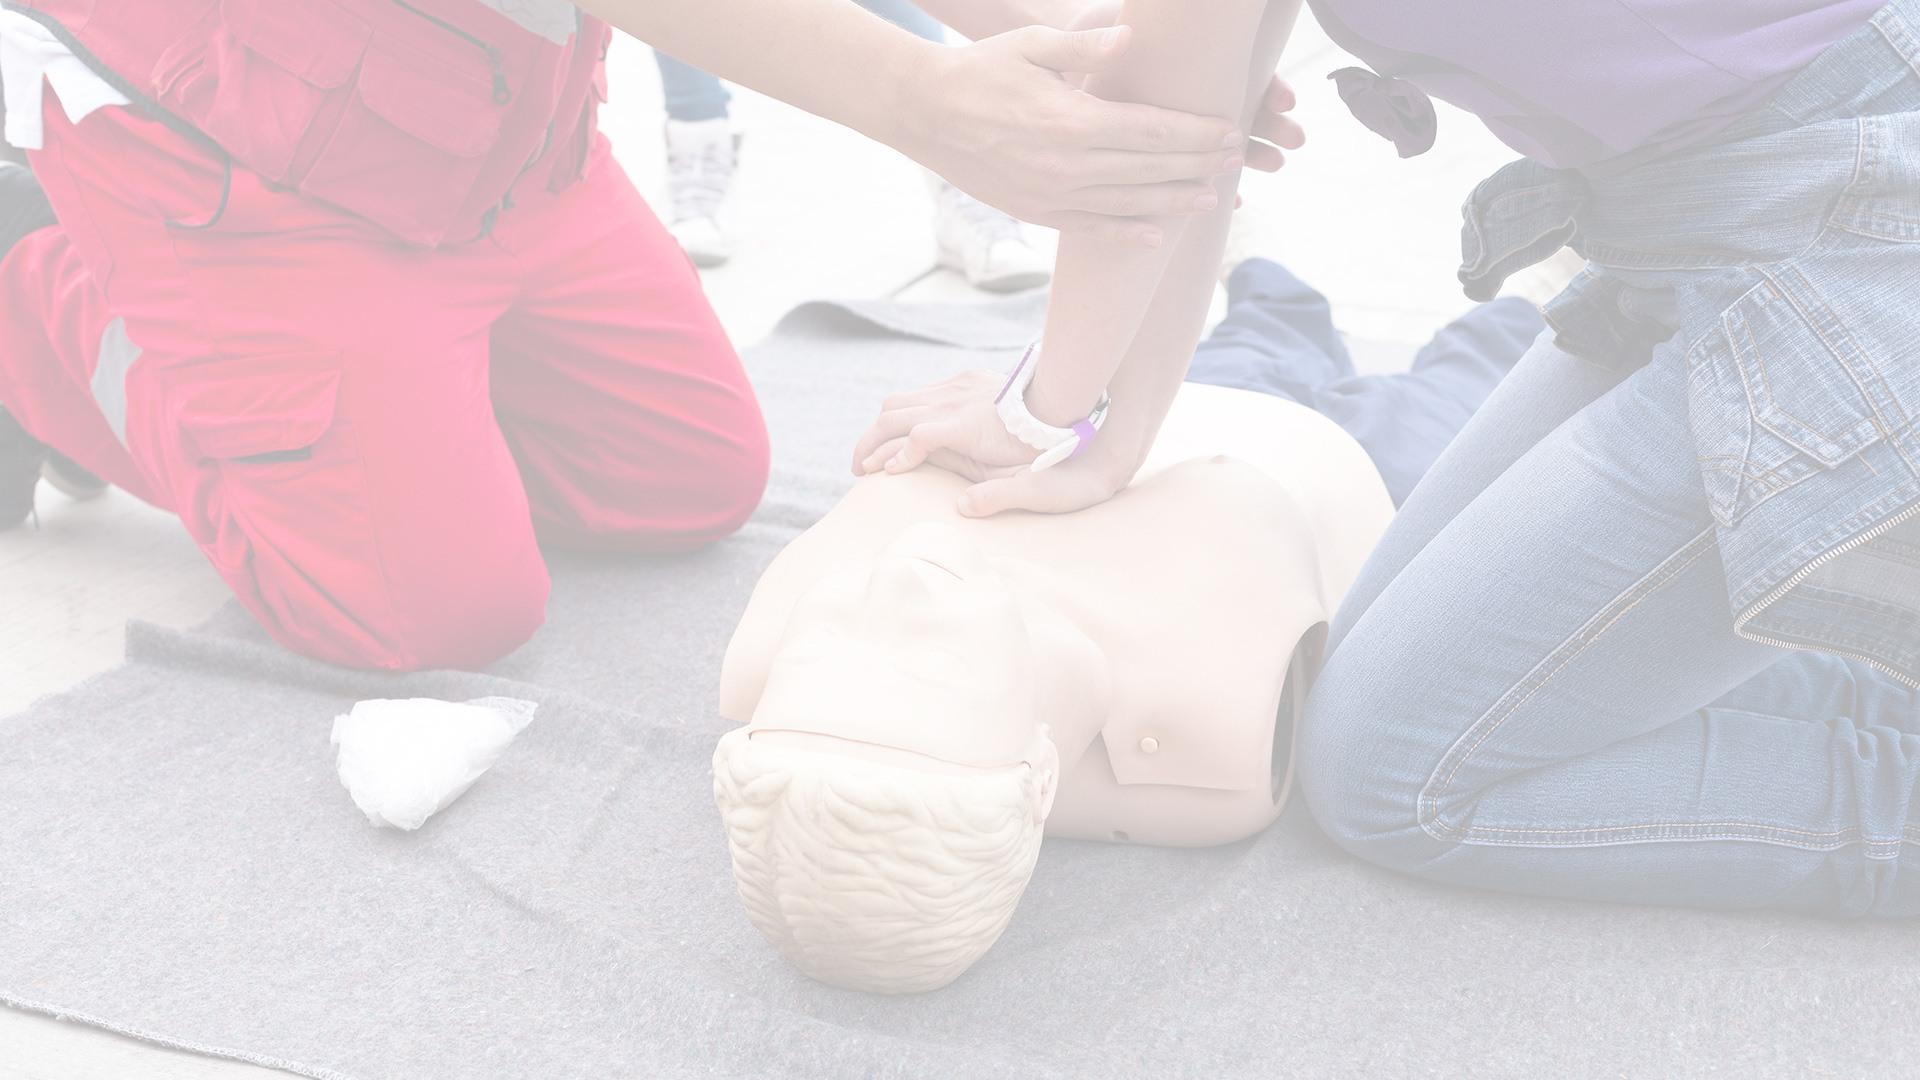 Entrainement sauveteur victime - Formation secourisme Lyon - PrevInter